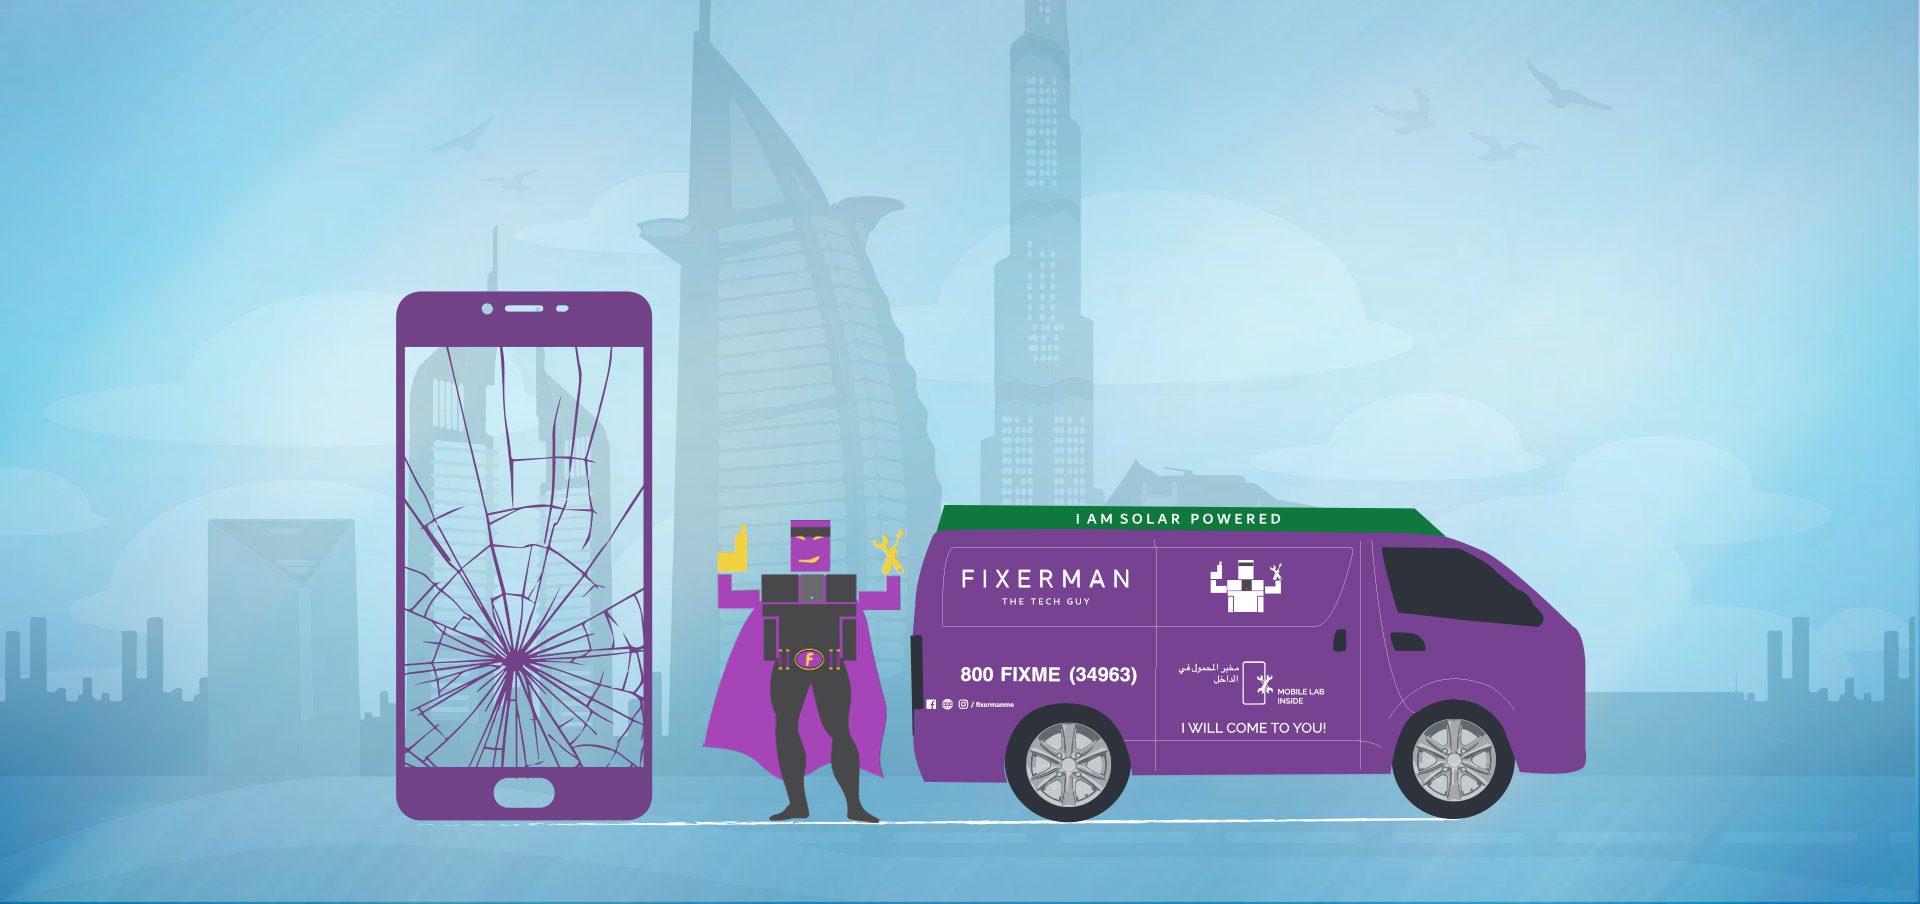 Samsung A Series Repair in Dubai